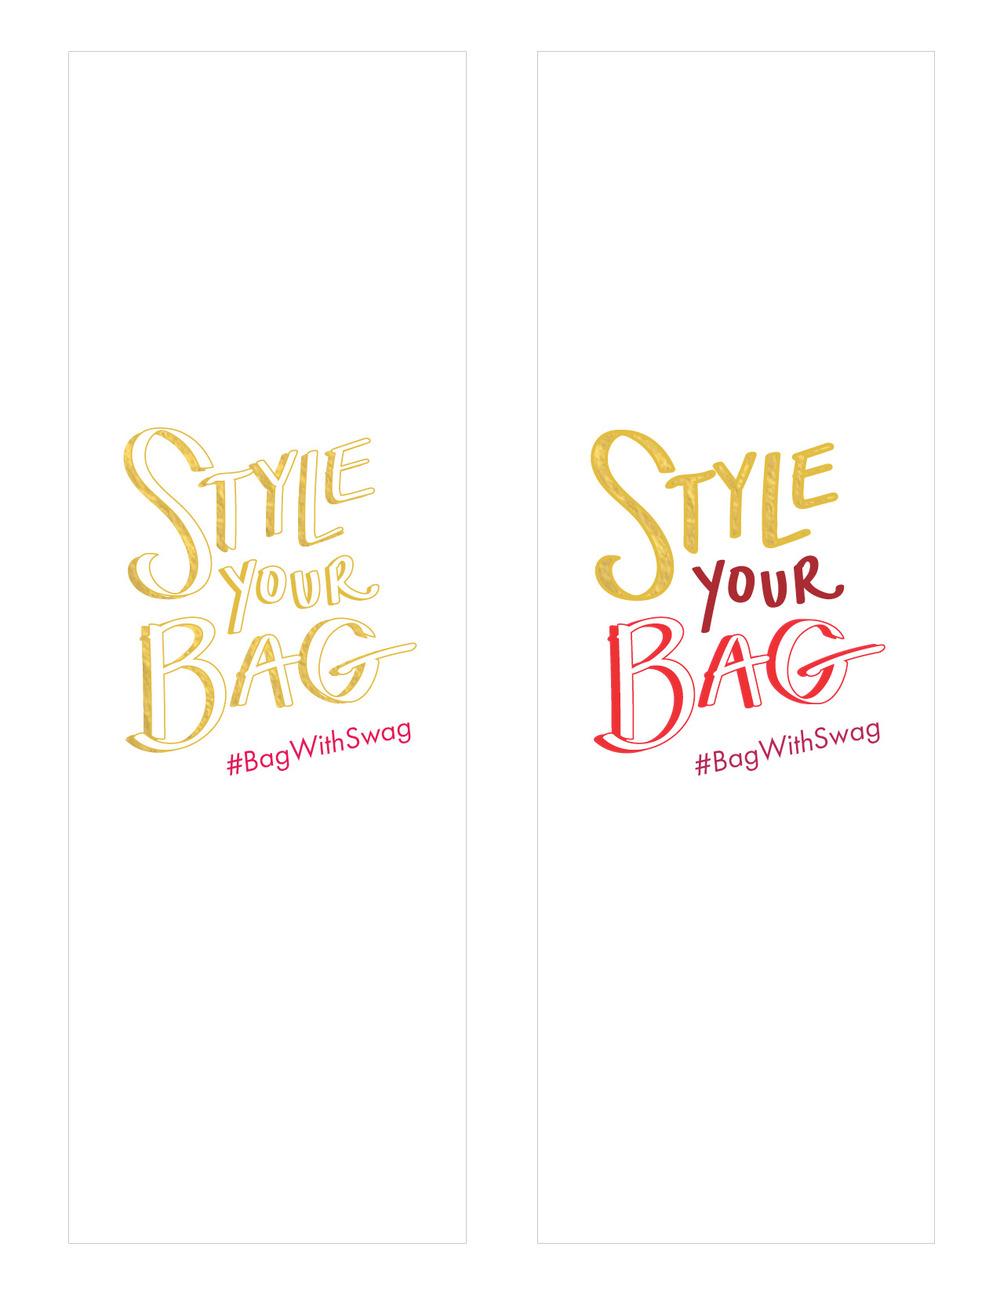 StyleYourBag3.jpg